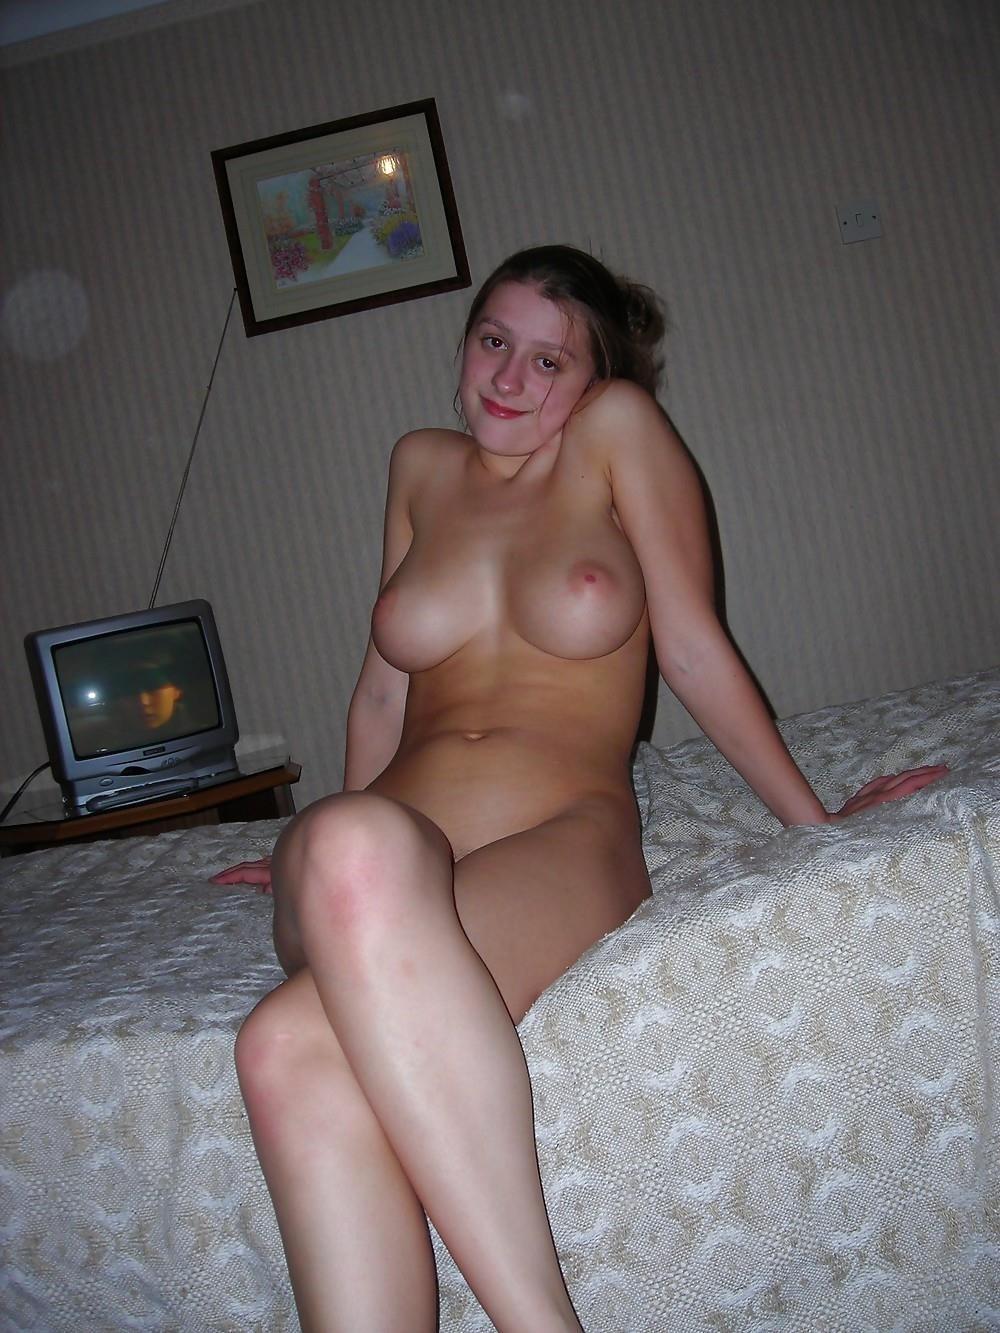 Teen big boobs topless-4097